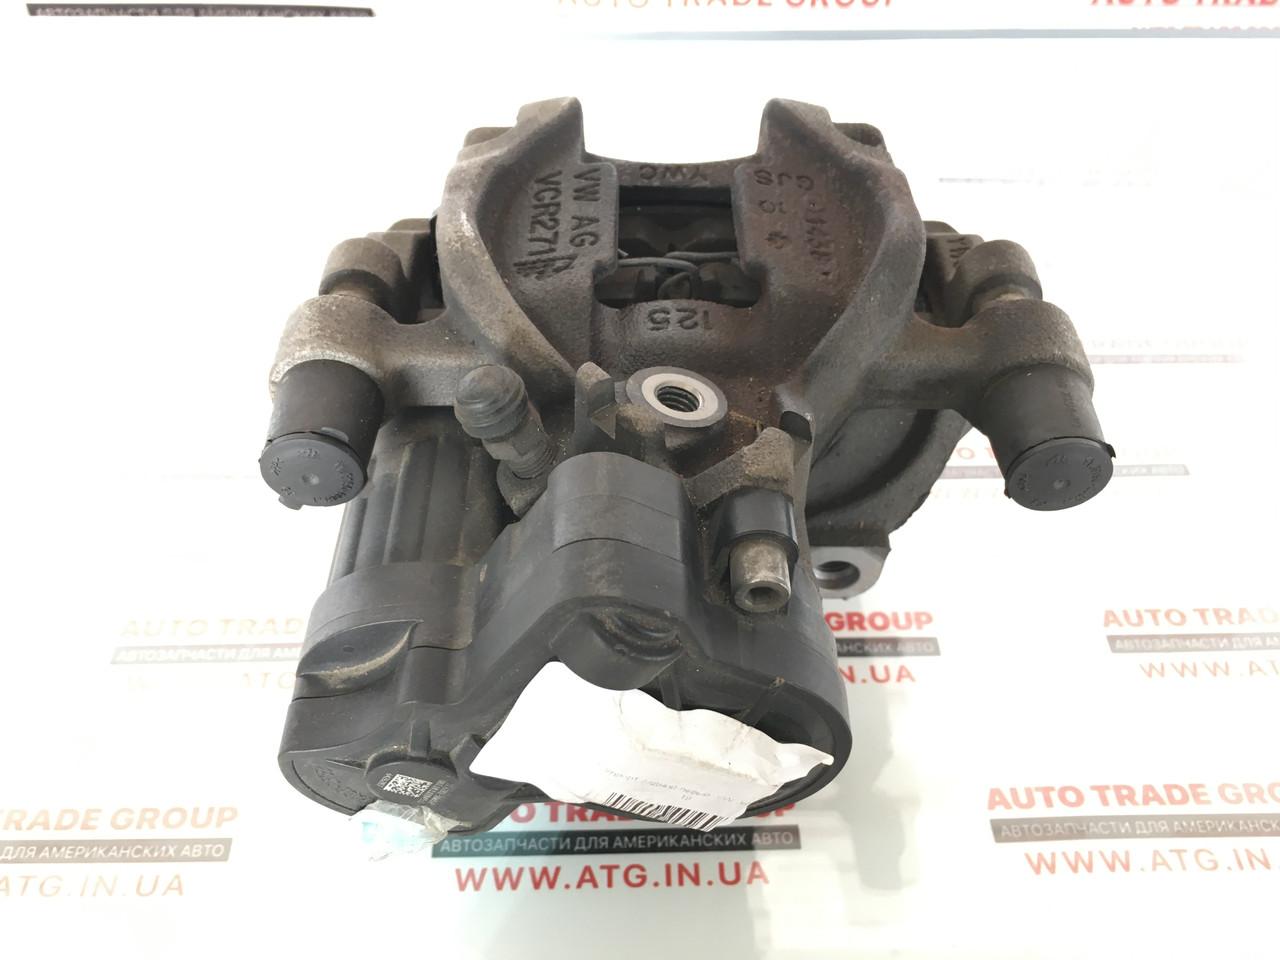 Суппорт задний правый  VW Jetta 1.4Т 19  8V0-615-424-D